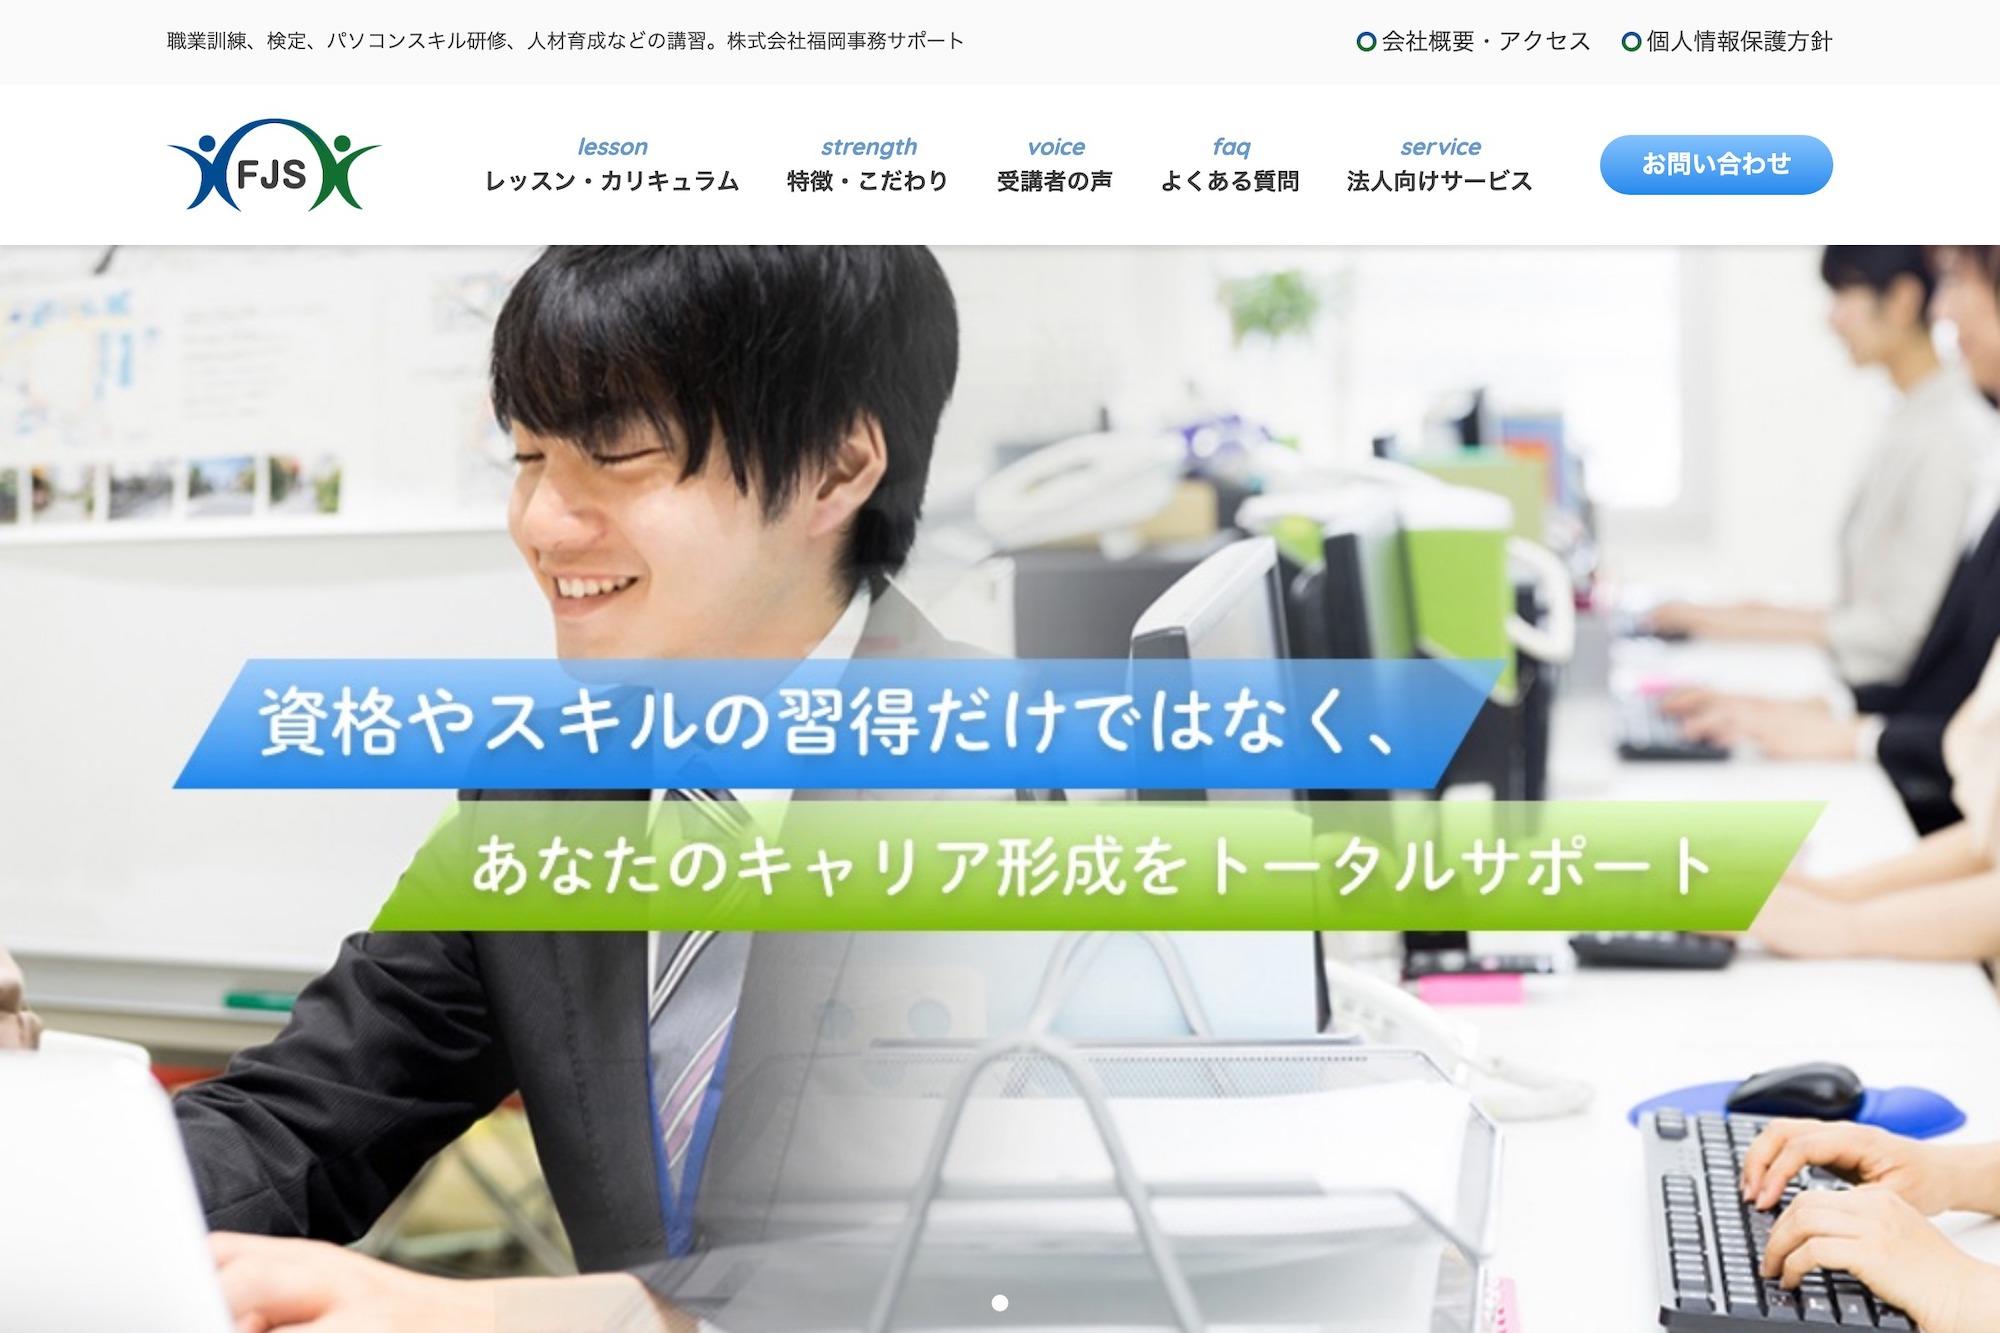 株式会社福岡事務サポートのパソコン表示